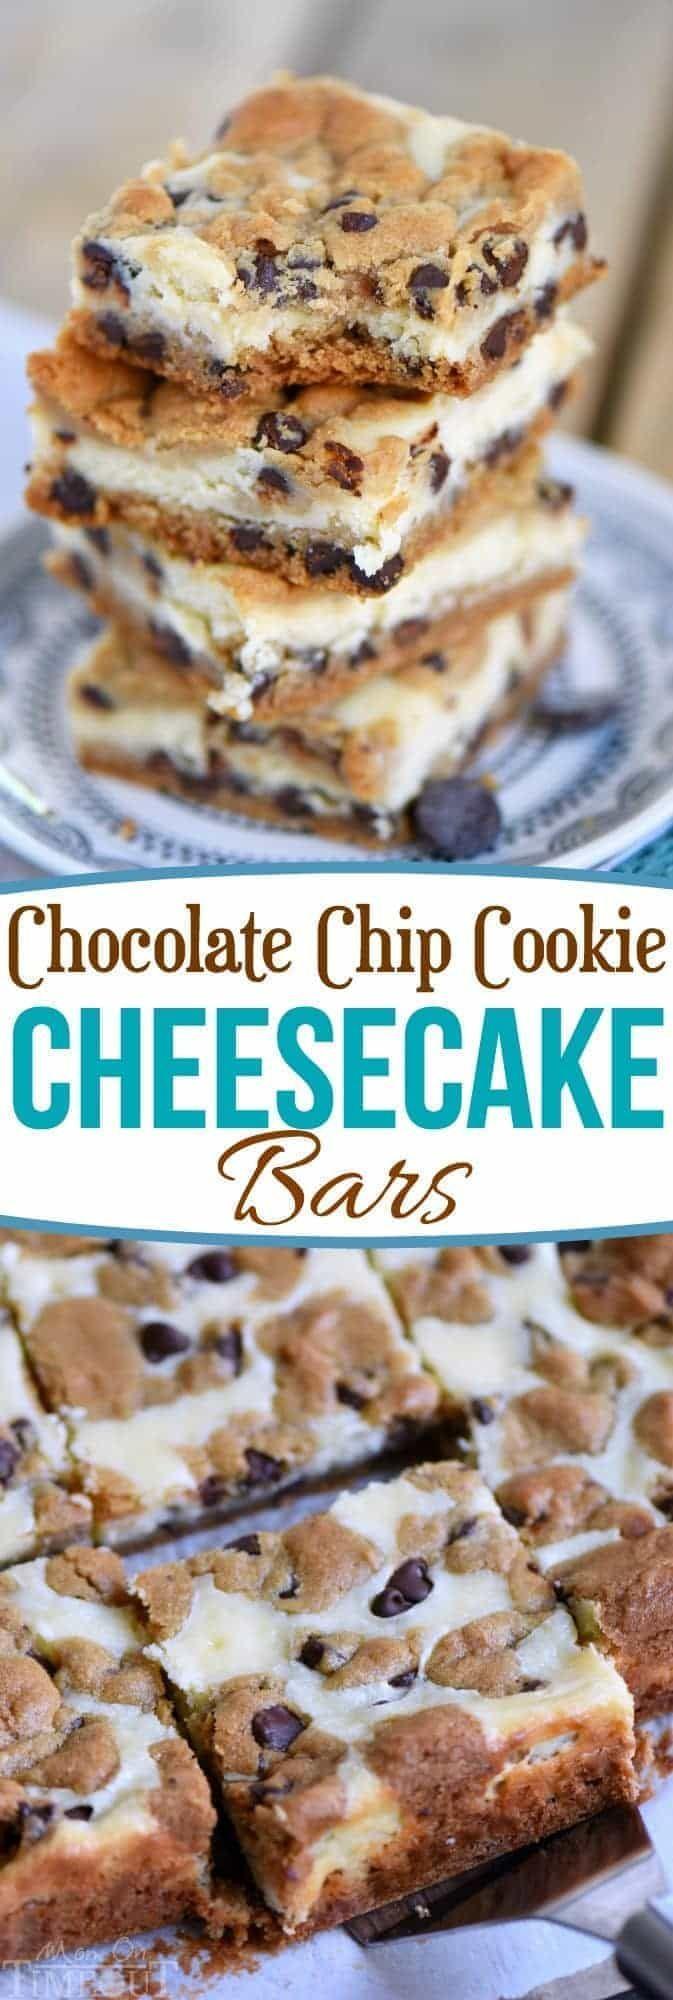 Diese einfachen Chocolate Chip Cookie Cheesecake Riegel bestehen aus nur fünf Zutaten